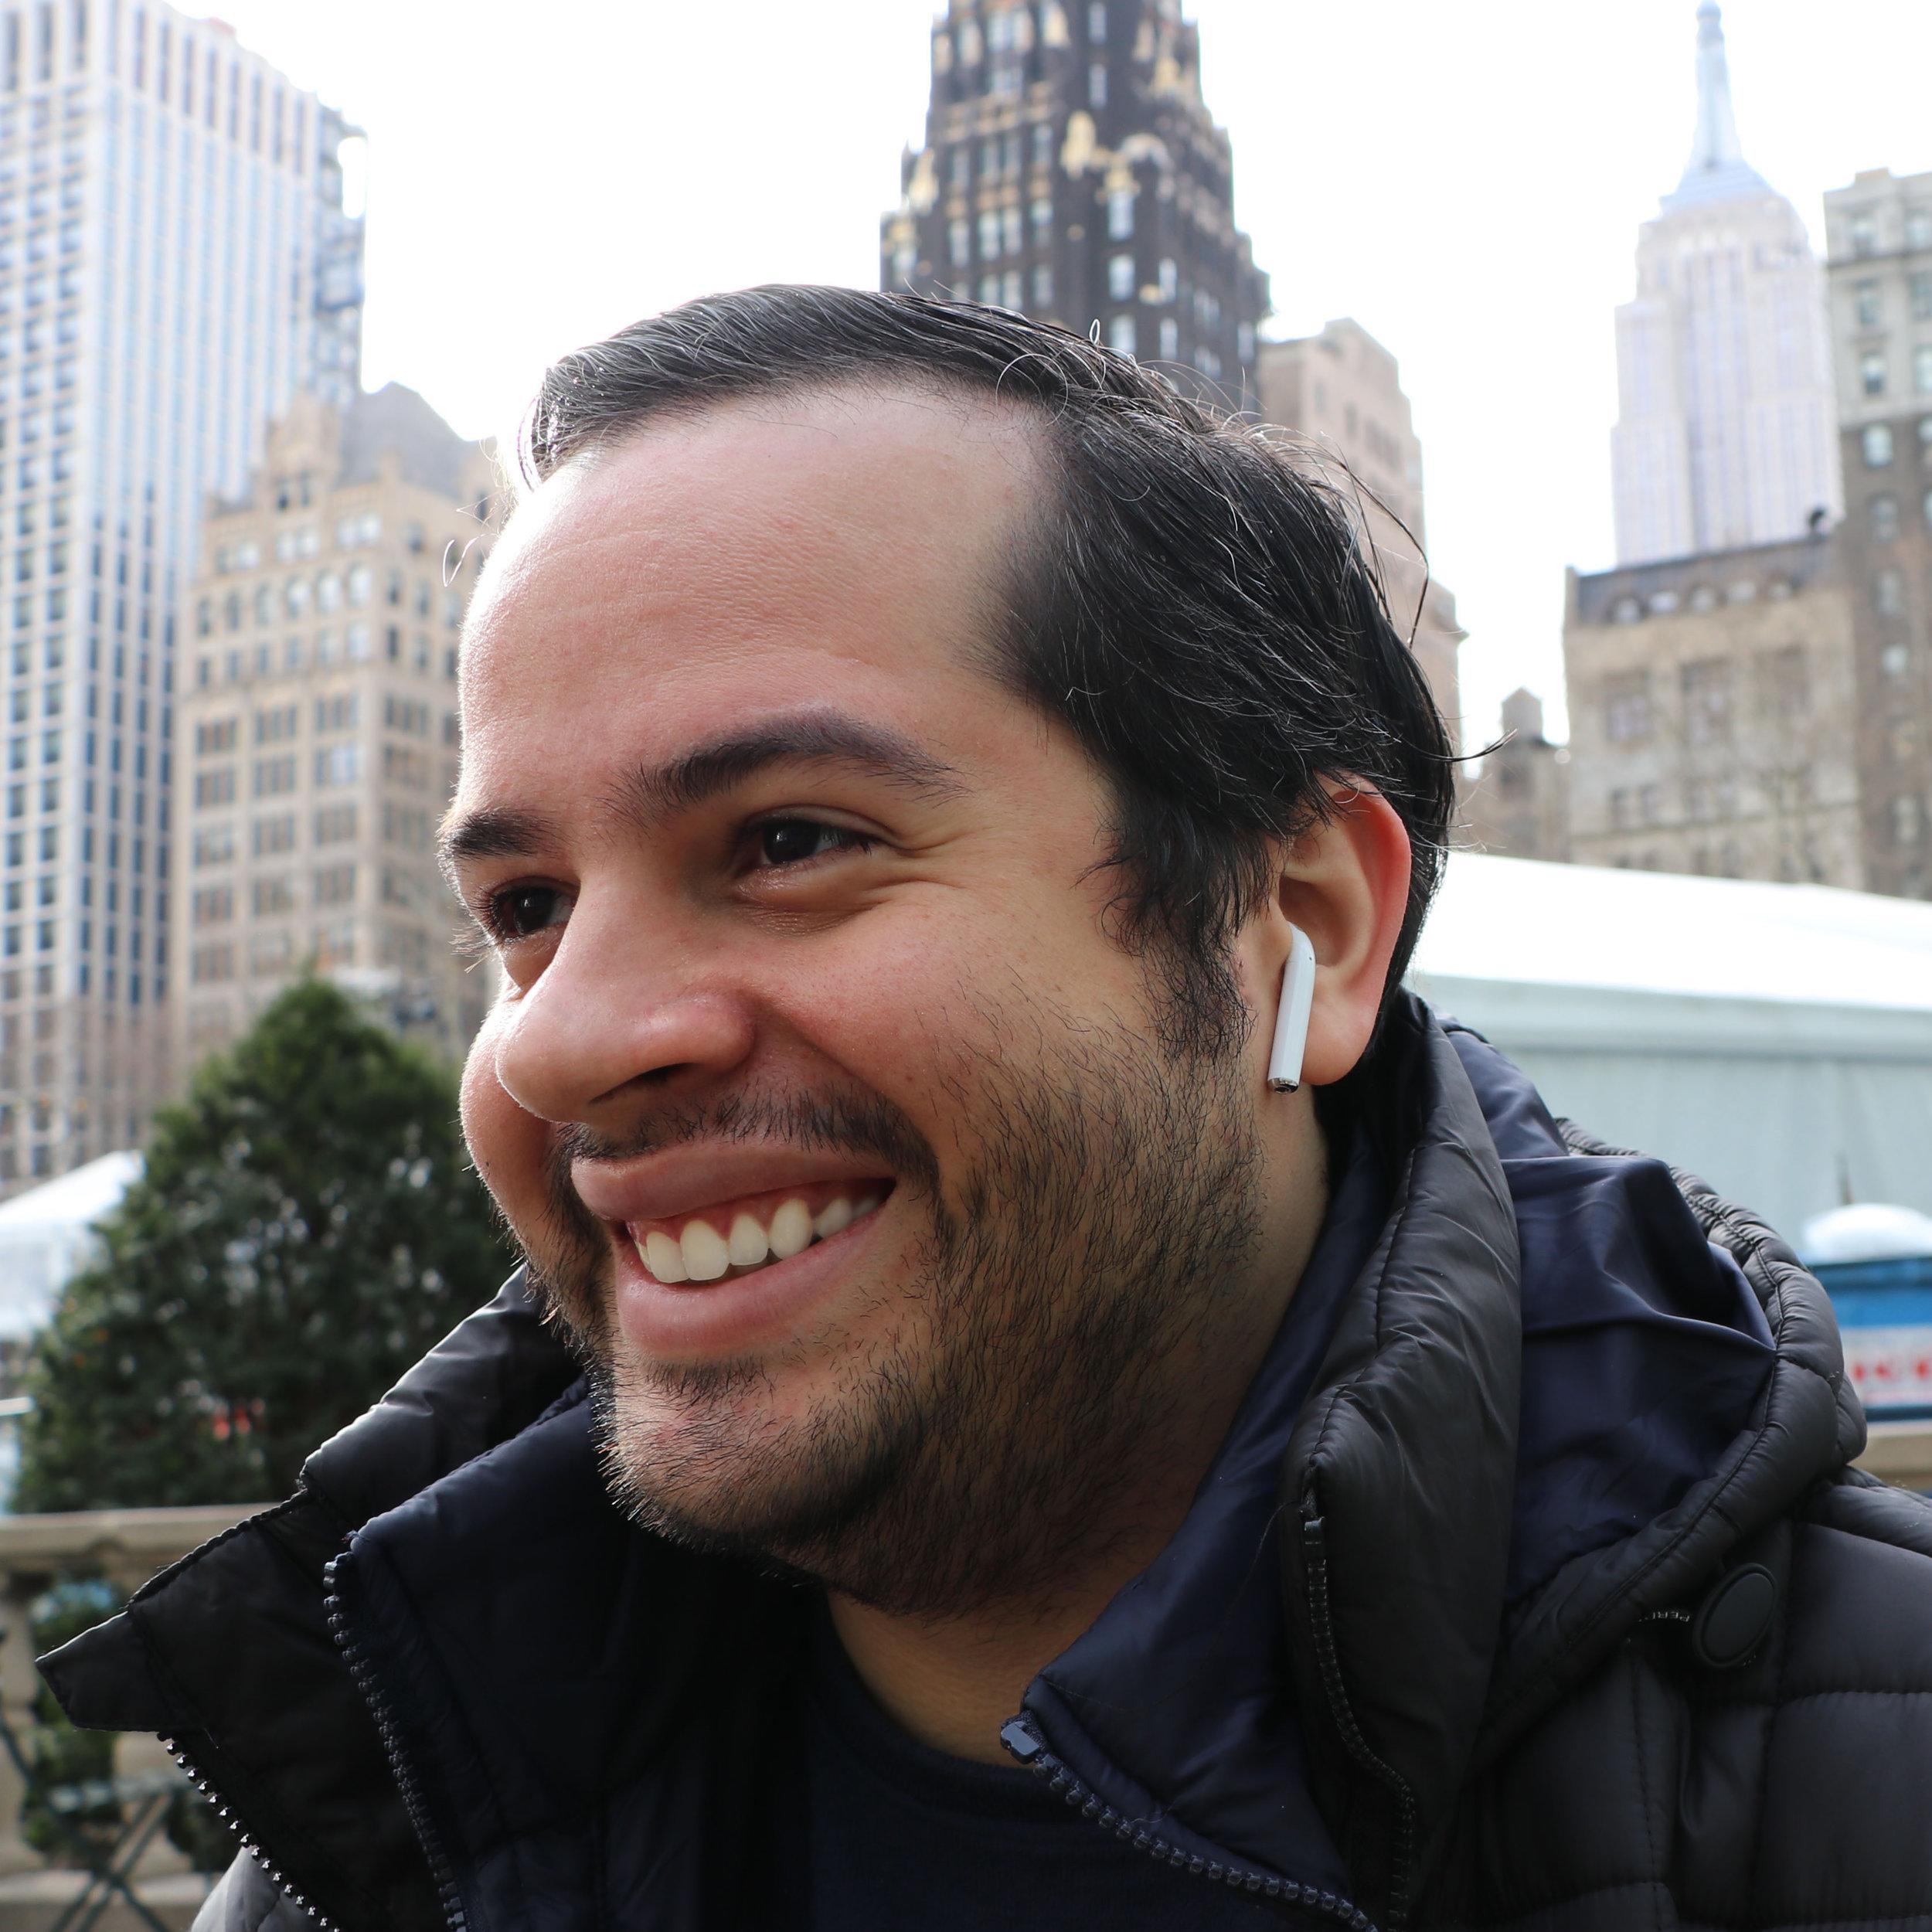 Rui_Delgado_Profile_Picture.JPG